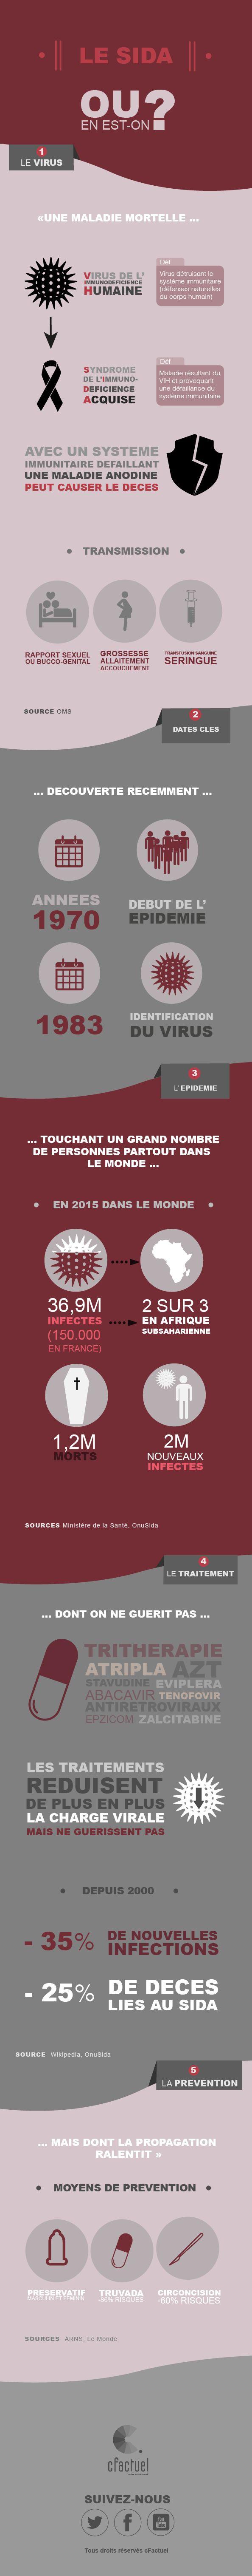 Infographie - SIDA : Le 1er décembre était la journée mondiale de lutte contre le sida. Alors que la prise en charge de l'infection progresse, l'Onu caresse l'espoir de voir la maladie disparaître d'ici 15 ans. En savoir plus sur cFactuel : http://www.cfactuel.fr